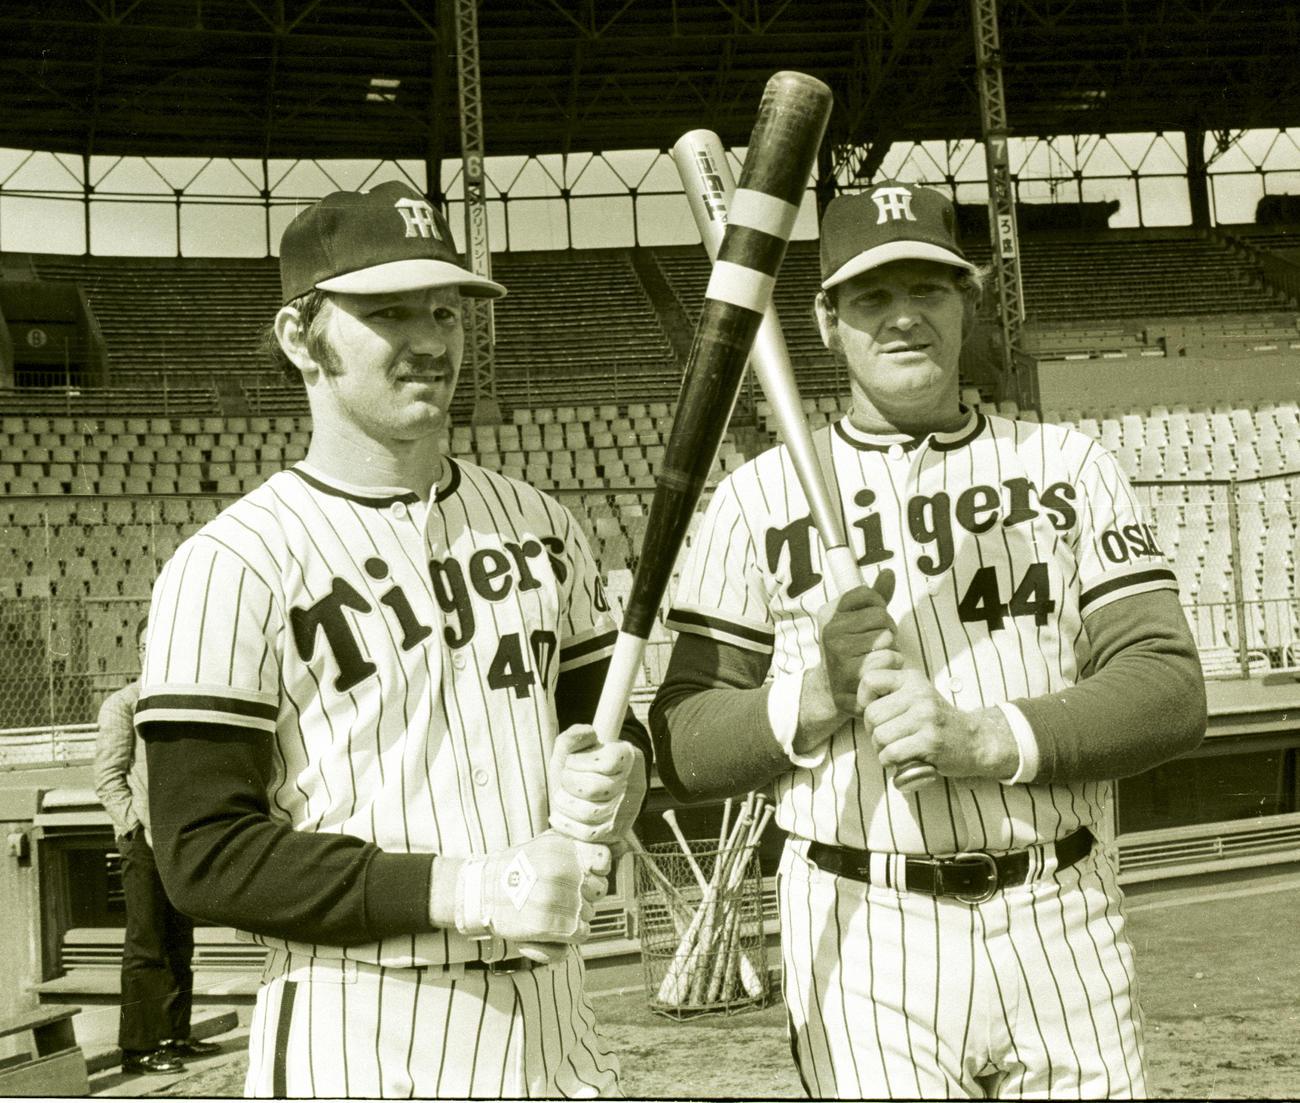 バットを持ちポーズを取るマイク・ラインバックさん(左)とハル・ブリーデンさん(1977年撮影)